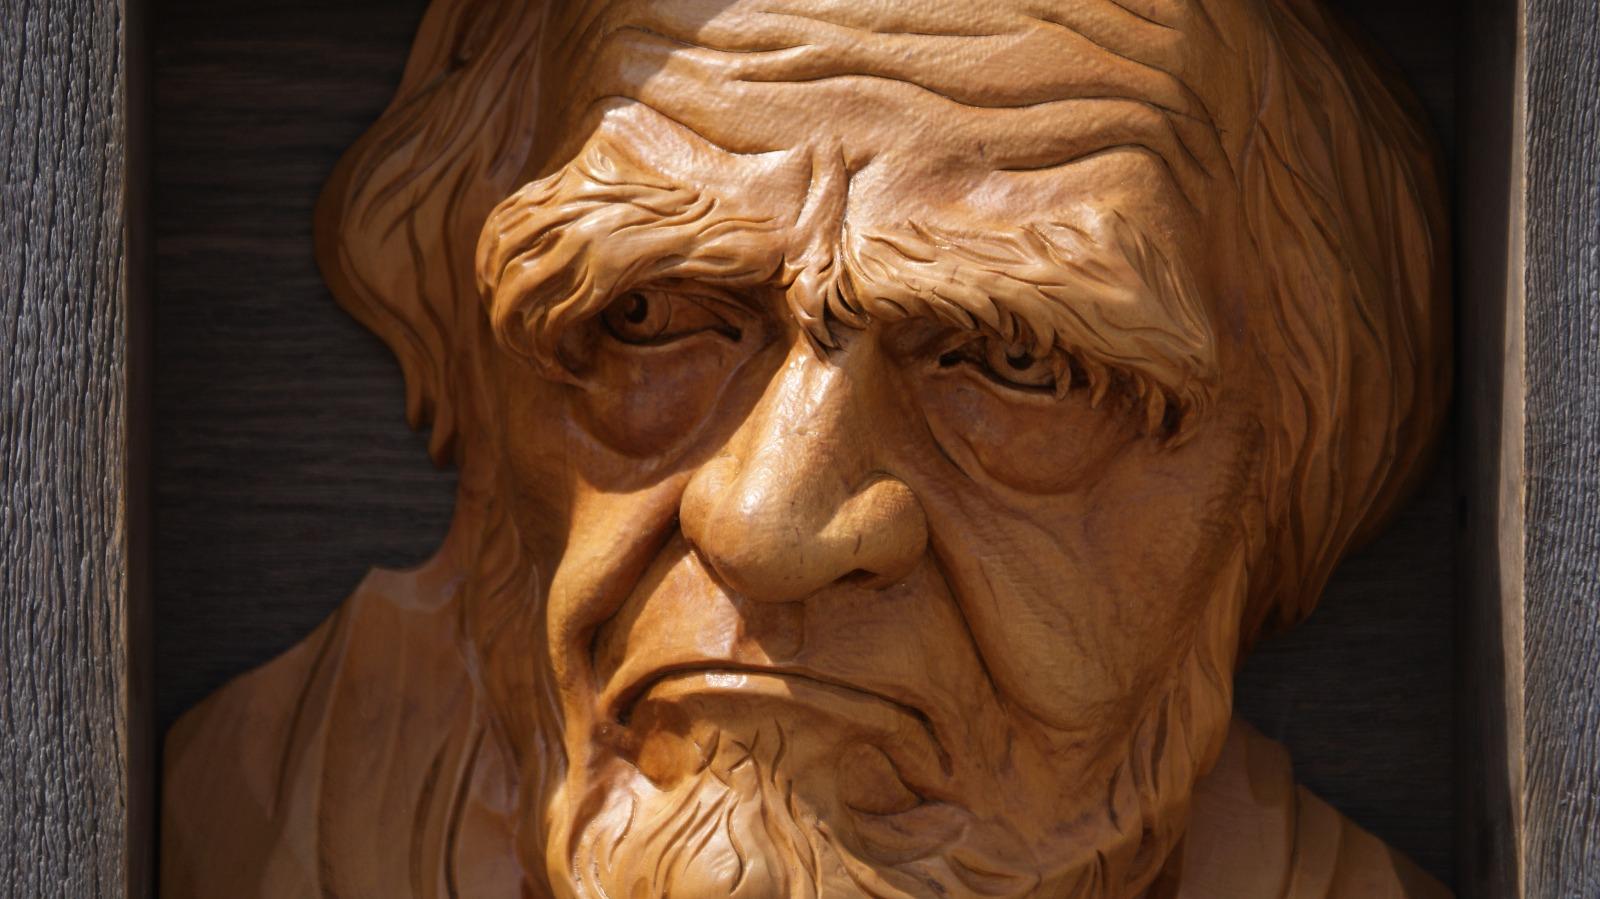 портреты из дерева по фотографии возник древнем торговом